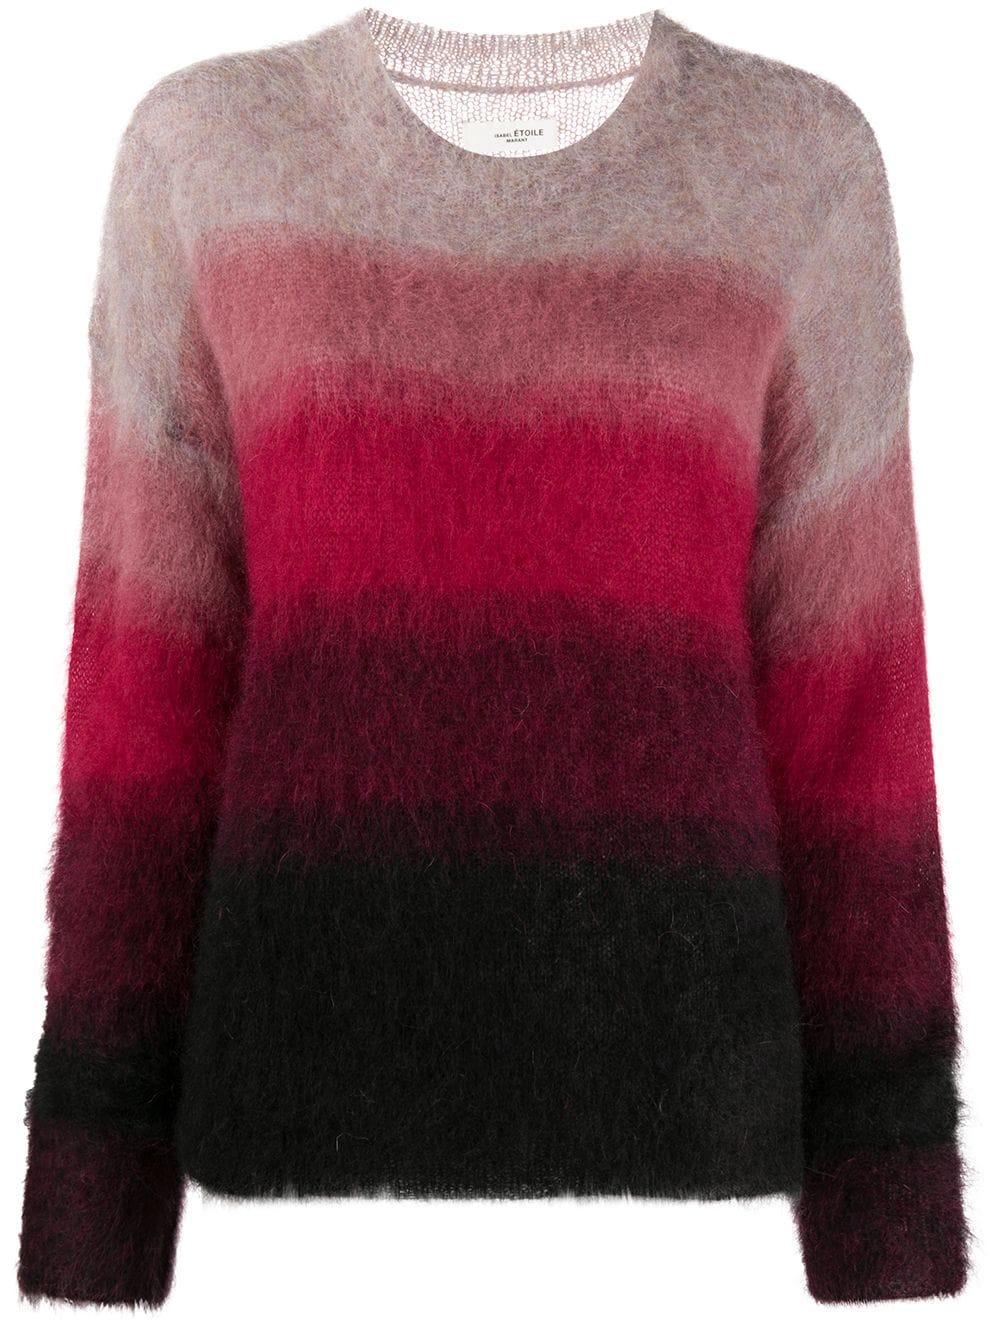 Drussell Wool Sweater